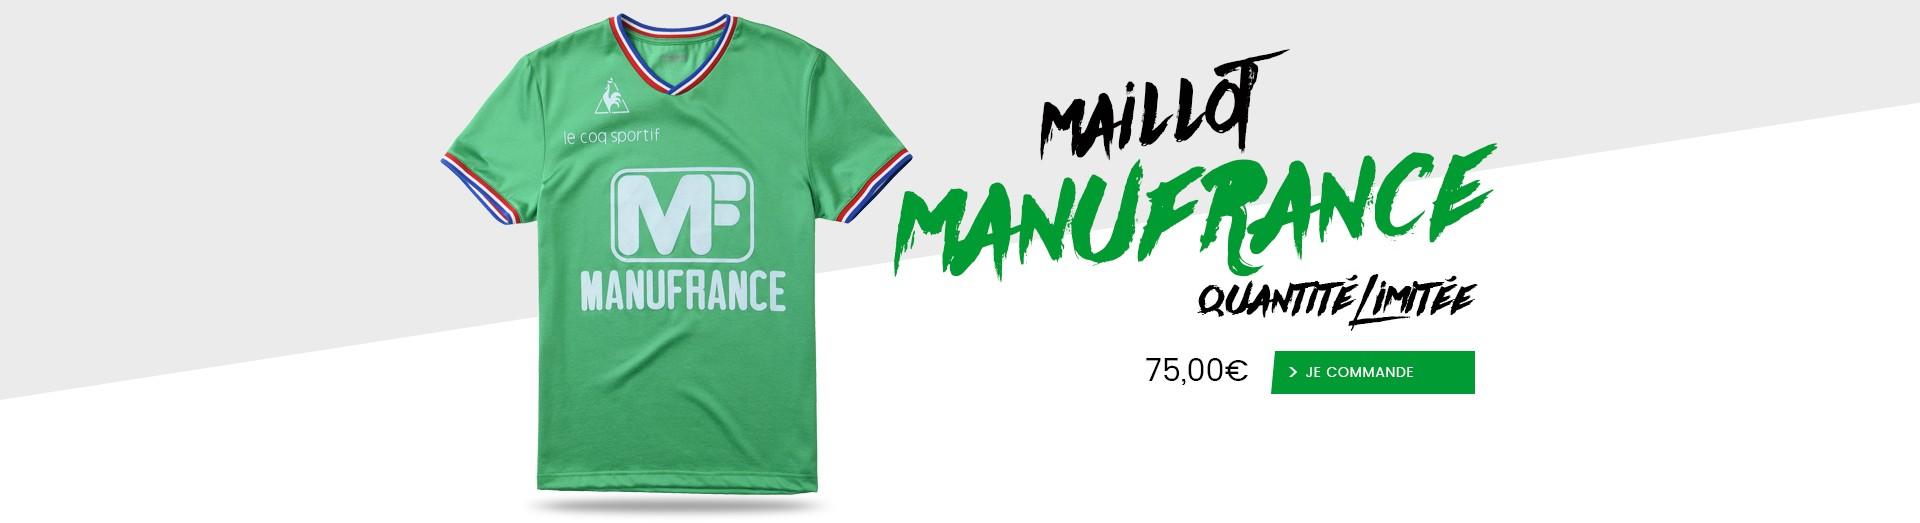 Maillot ASSE Manufrance